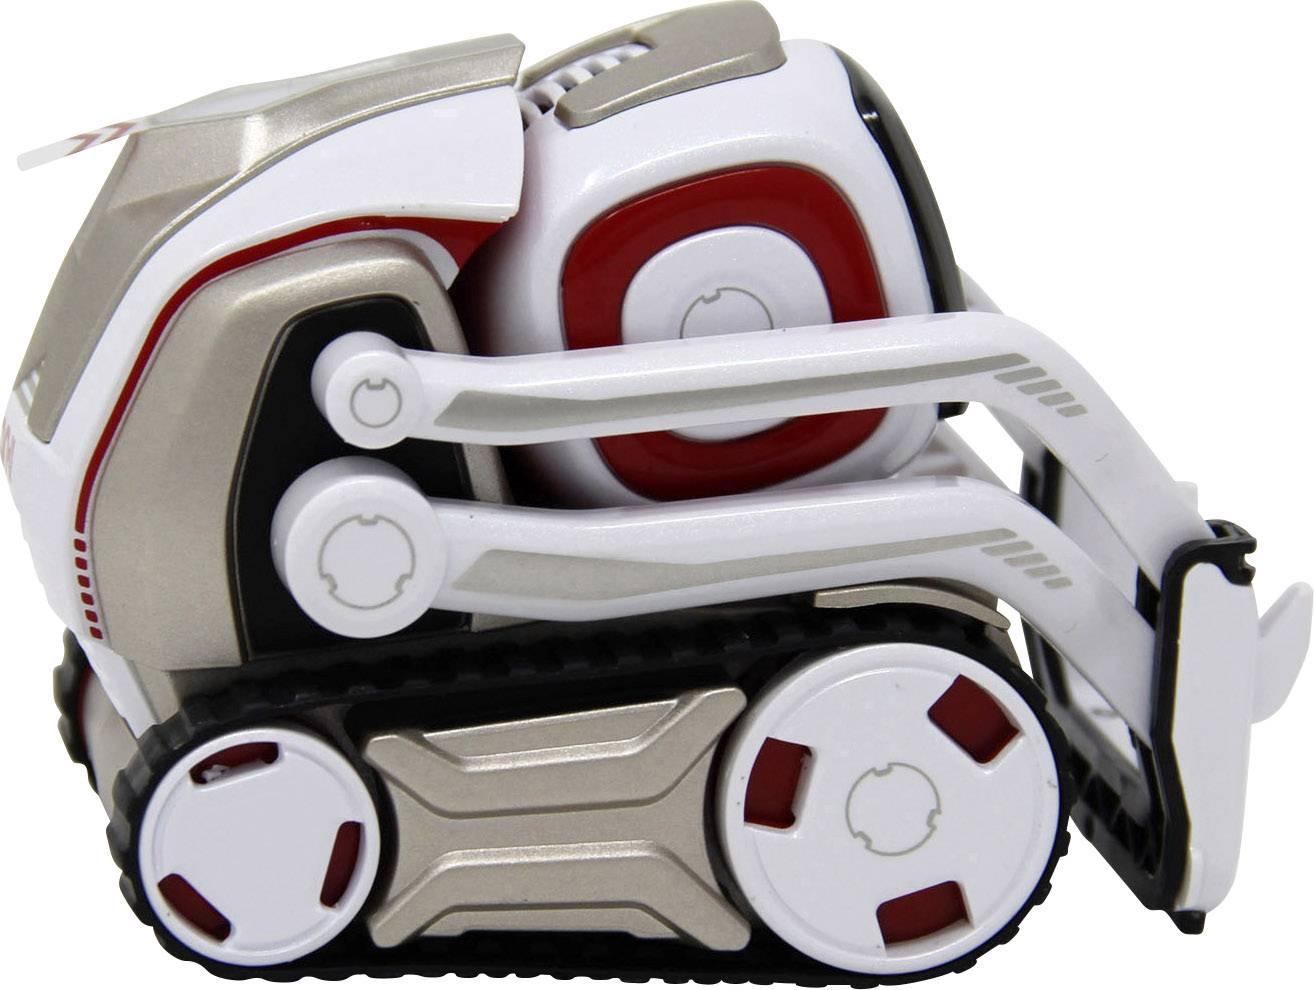 Robot Anki s Overdrive 159494 1 Pc Jouet Cozmo l3FJ1TKc